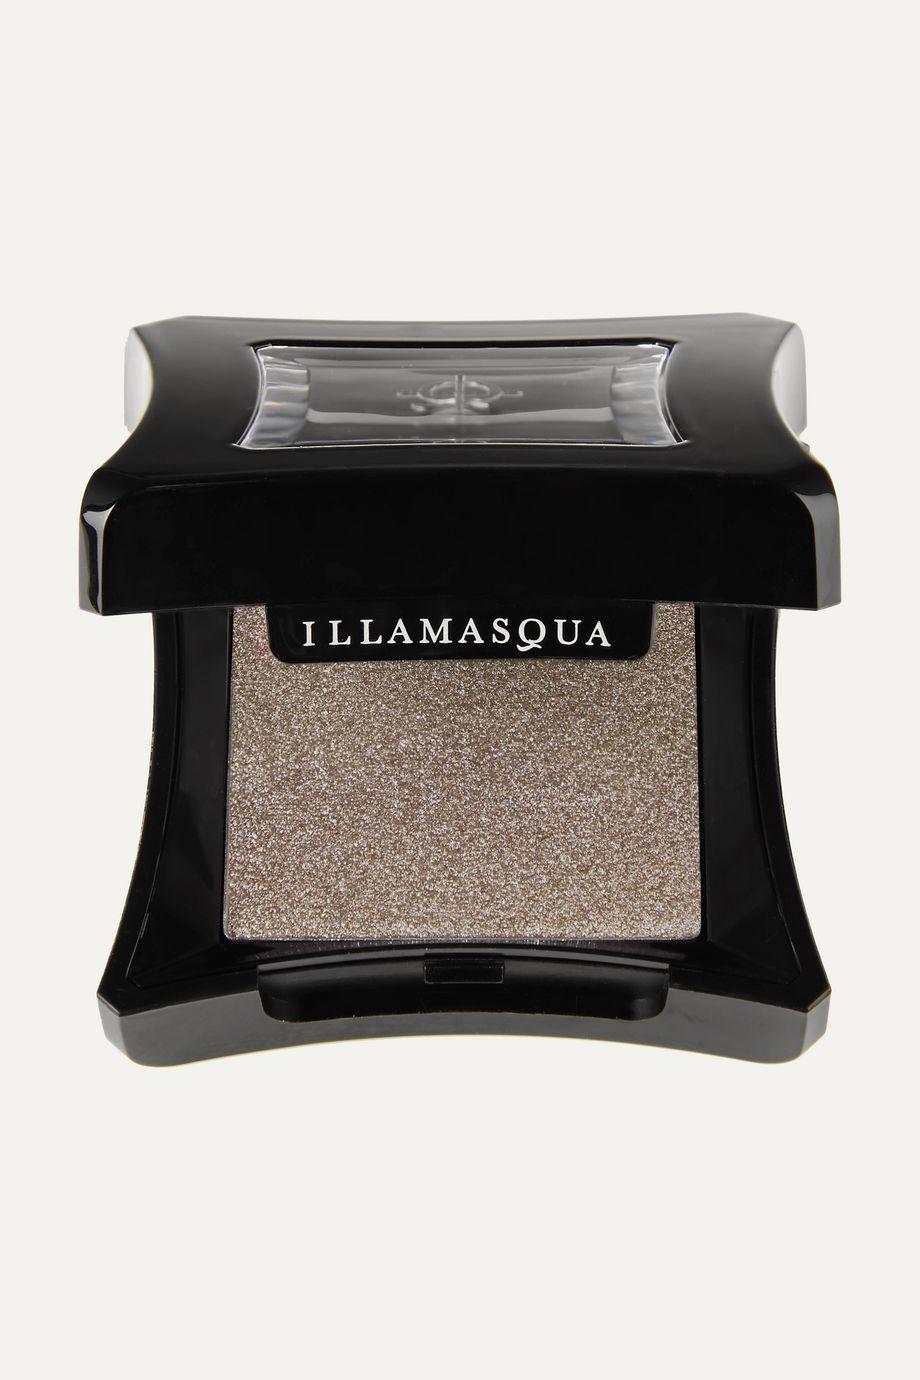 Illamasqua Powder Eye Shadow - Maiden